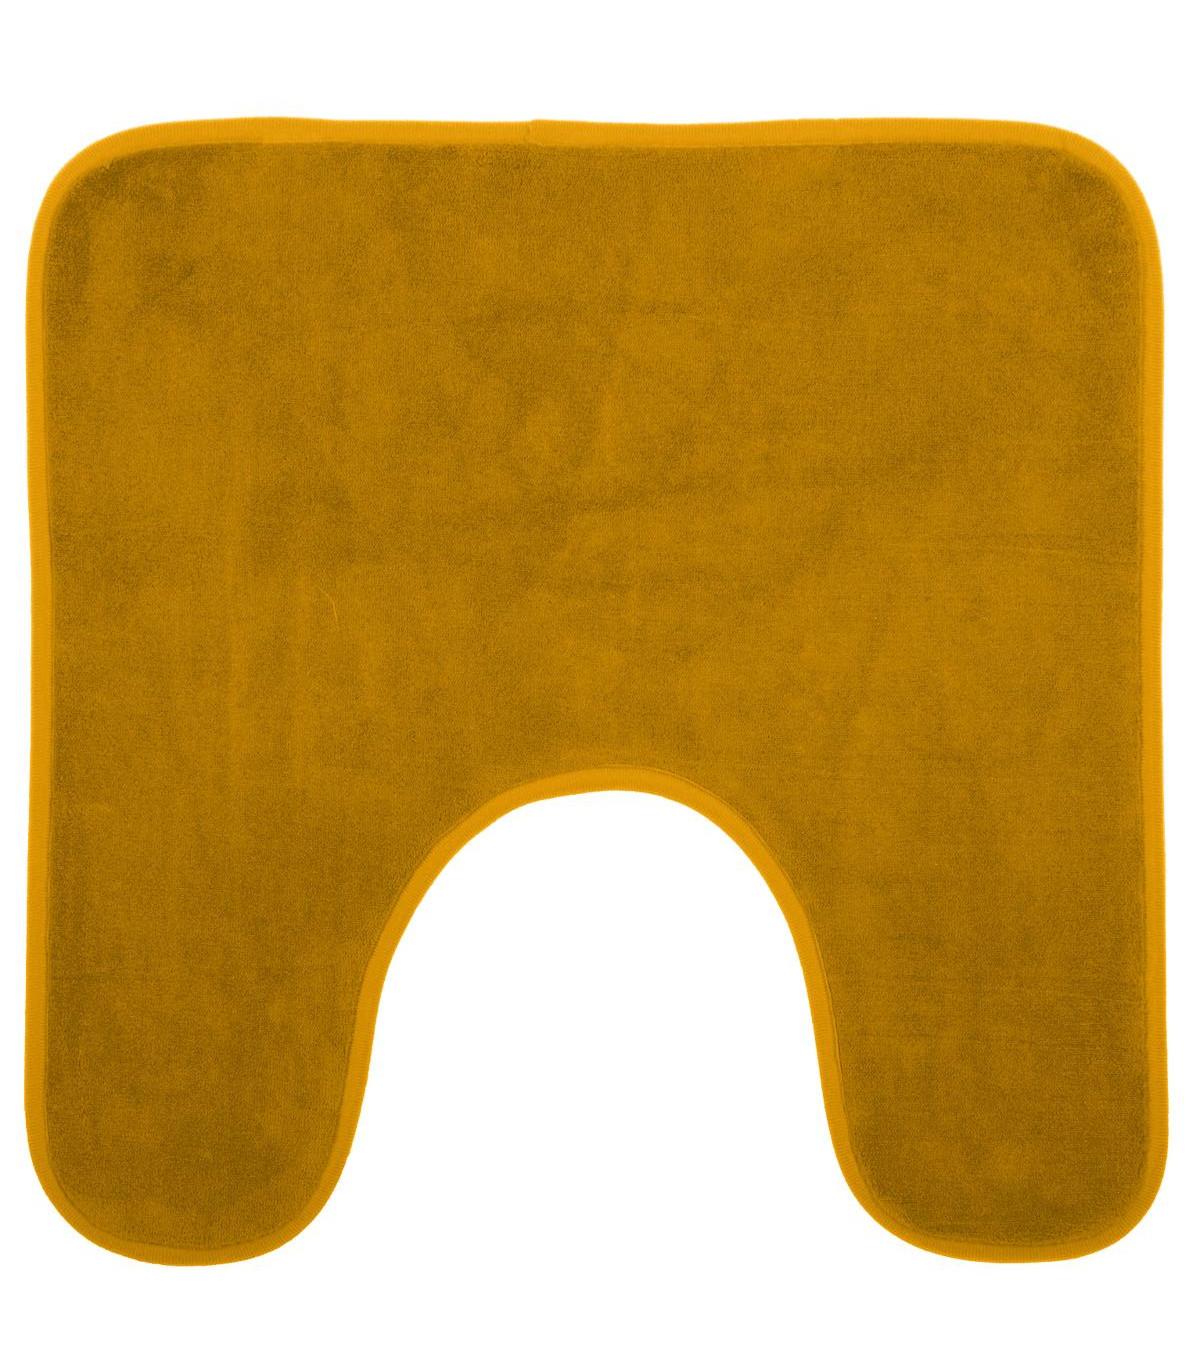 tapis-contour-wc-memoire-de-forme-jaune-48x48